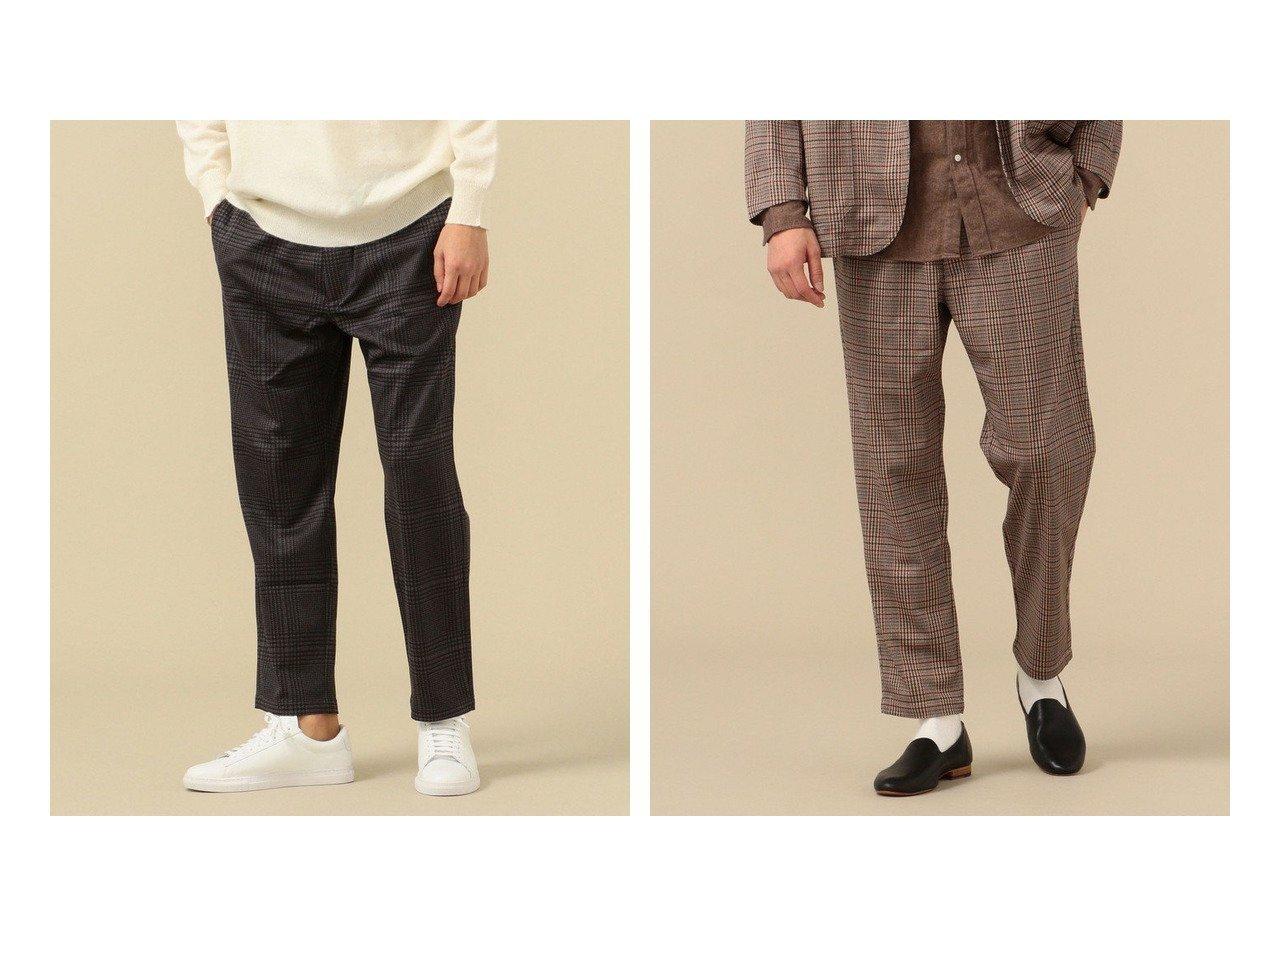 【SHIPS / MEN/シップス】のSHIPS セットアップ対応 SYNTHETIC WOOL ウォッシャブル イージーパンツ 【MEN】男性のおすすめ!人気、メンズファッションの通販 おすすめで人気のファッション通販商品 インテリア・家具・キッズファッション・メンズファッション・レディースファッション・服の通販 founy(ファニー) https://founy.com/ ファッション Fashion メンズ MEN ボトムス Bottoms Men セットアップ Setup Men ボトムス Bottoms ウォッシャブル カットソー 軽量 ストレッチ スピンドル セットアップ チェック テーパード プリント |ID:crp329100000005238